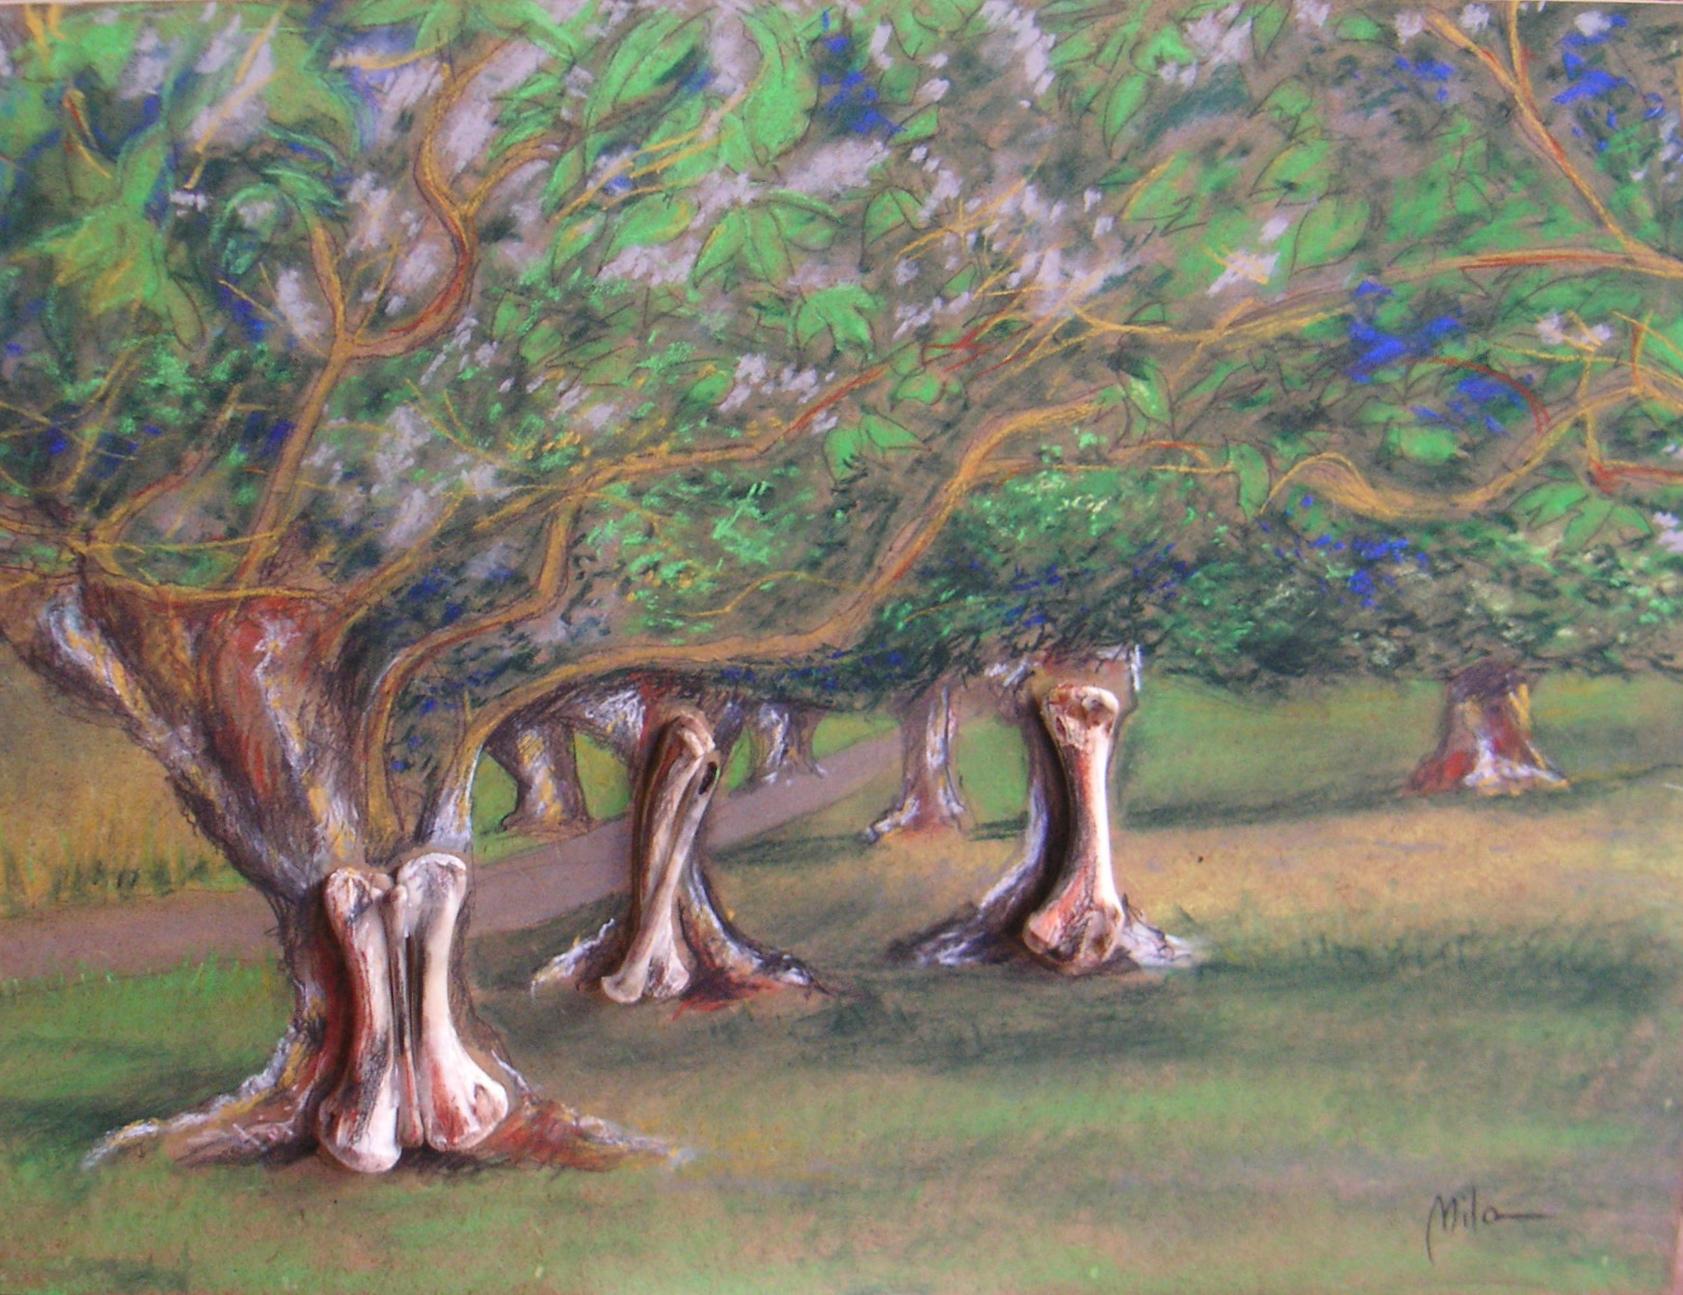 ARBOLES HUESUDOS – BONY TREES